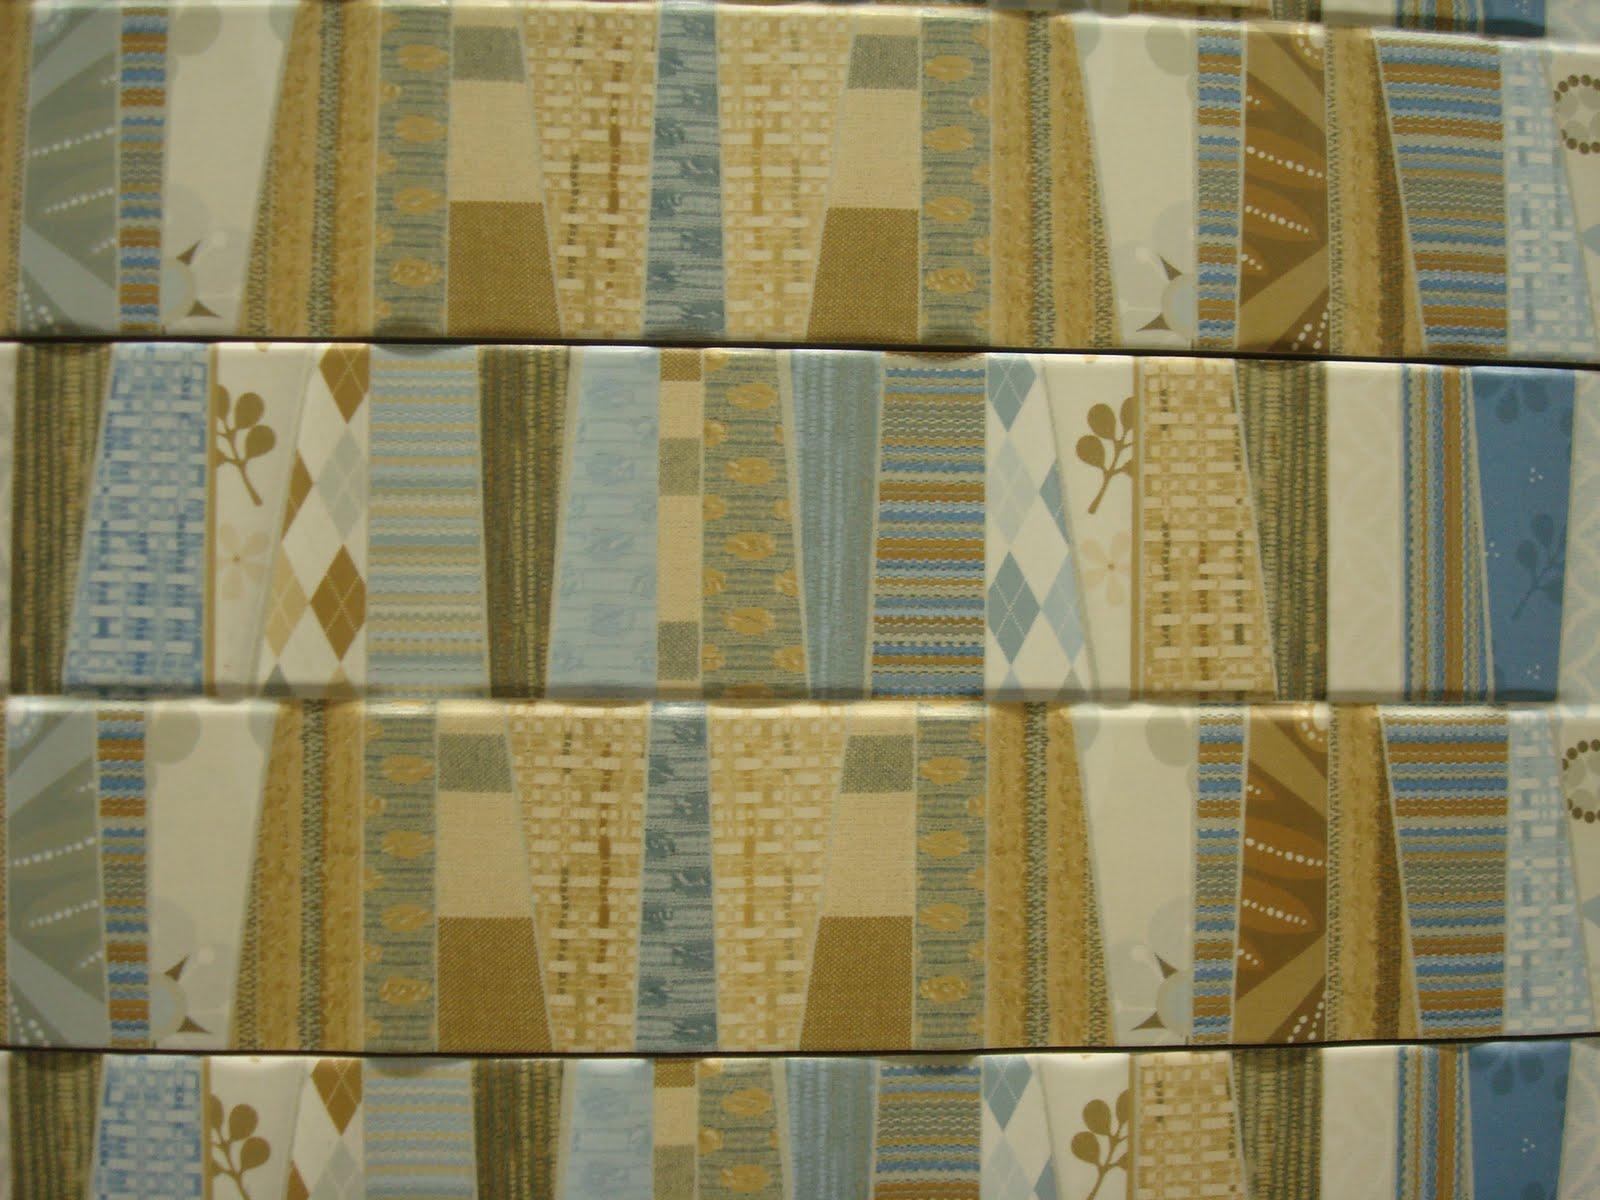 é a faixa Patchwork da Portinari já vem pronto no formato 15x90 #614F22 1600x1200 Banheiro Com Azulejo Patchwork